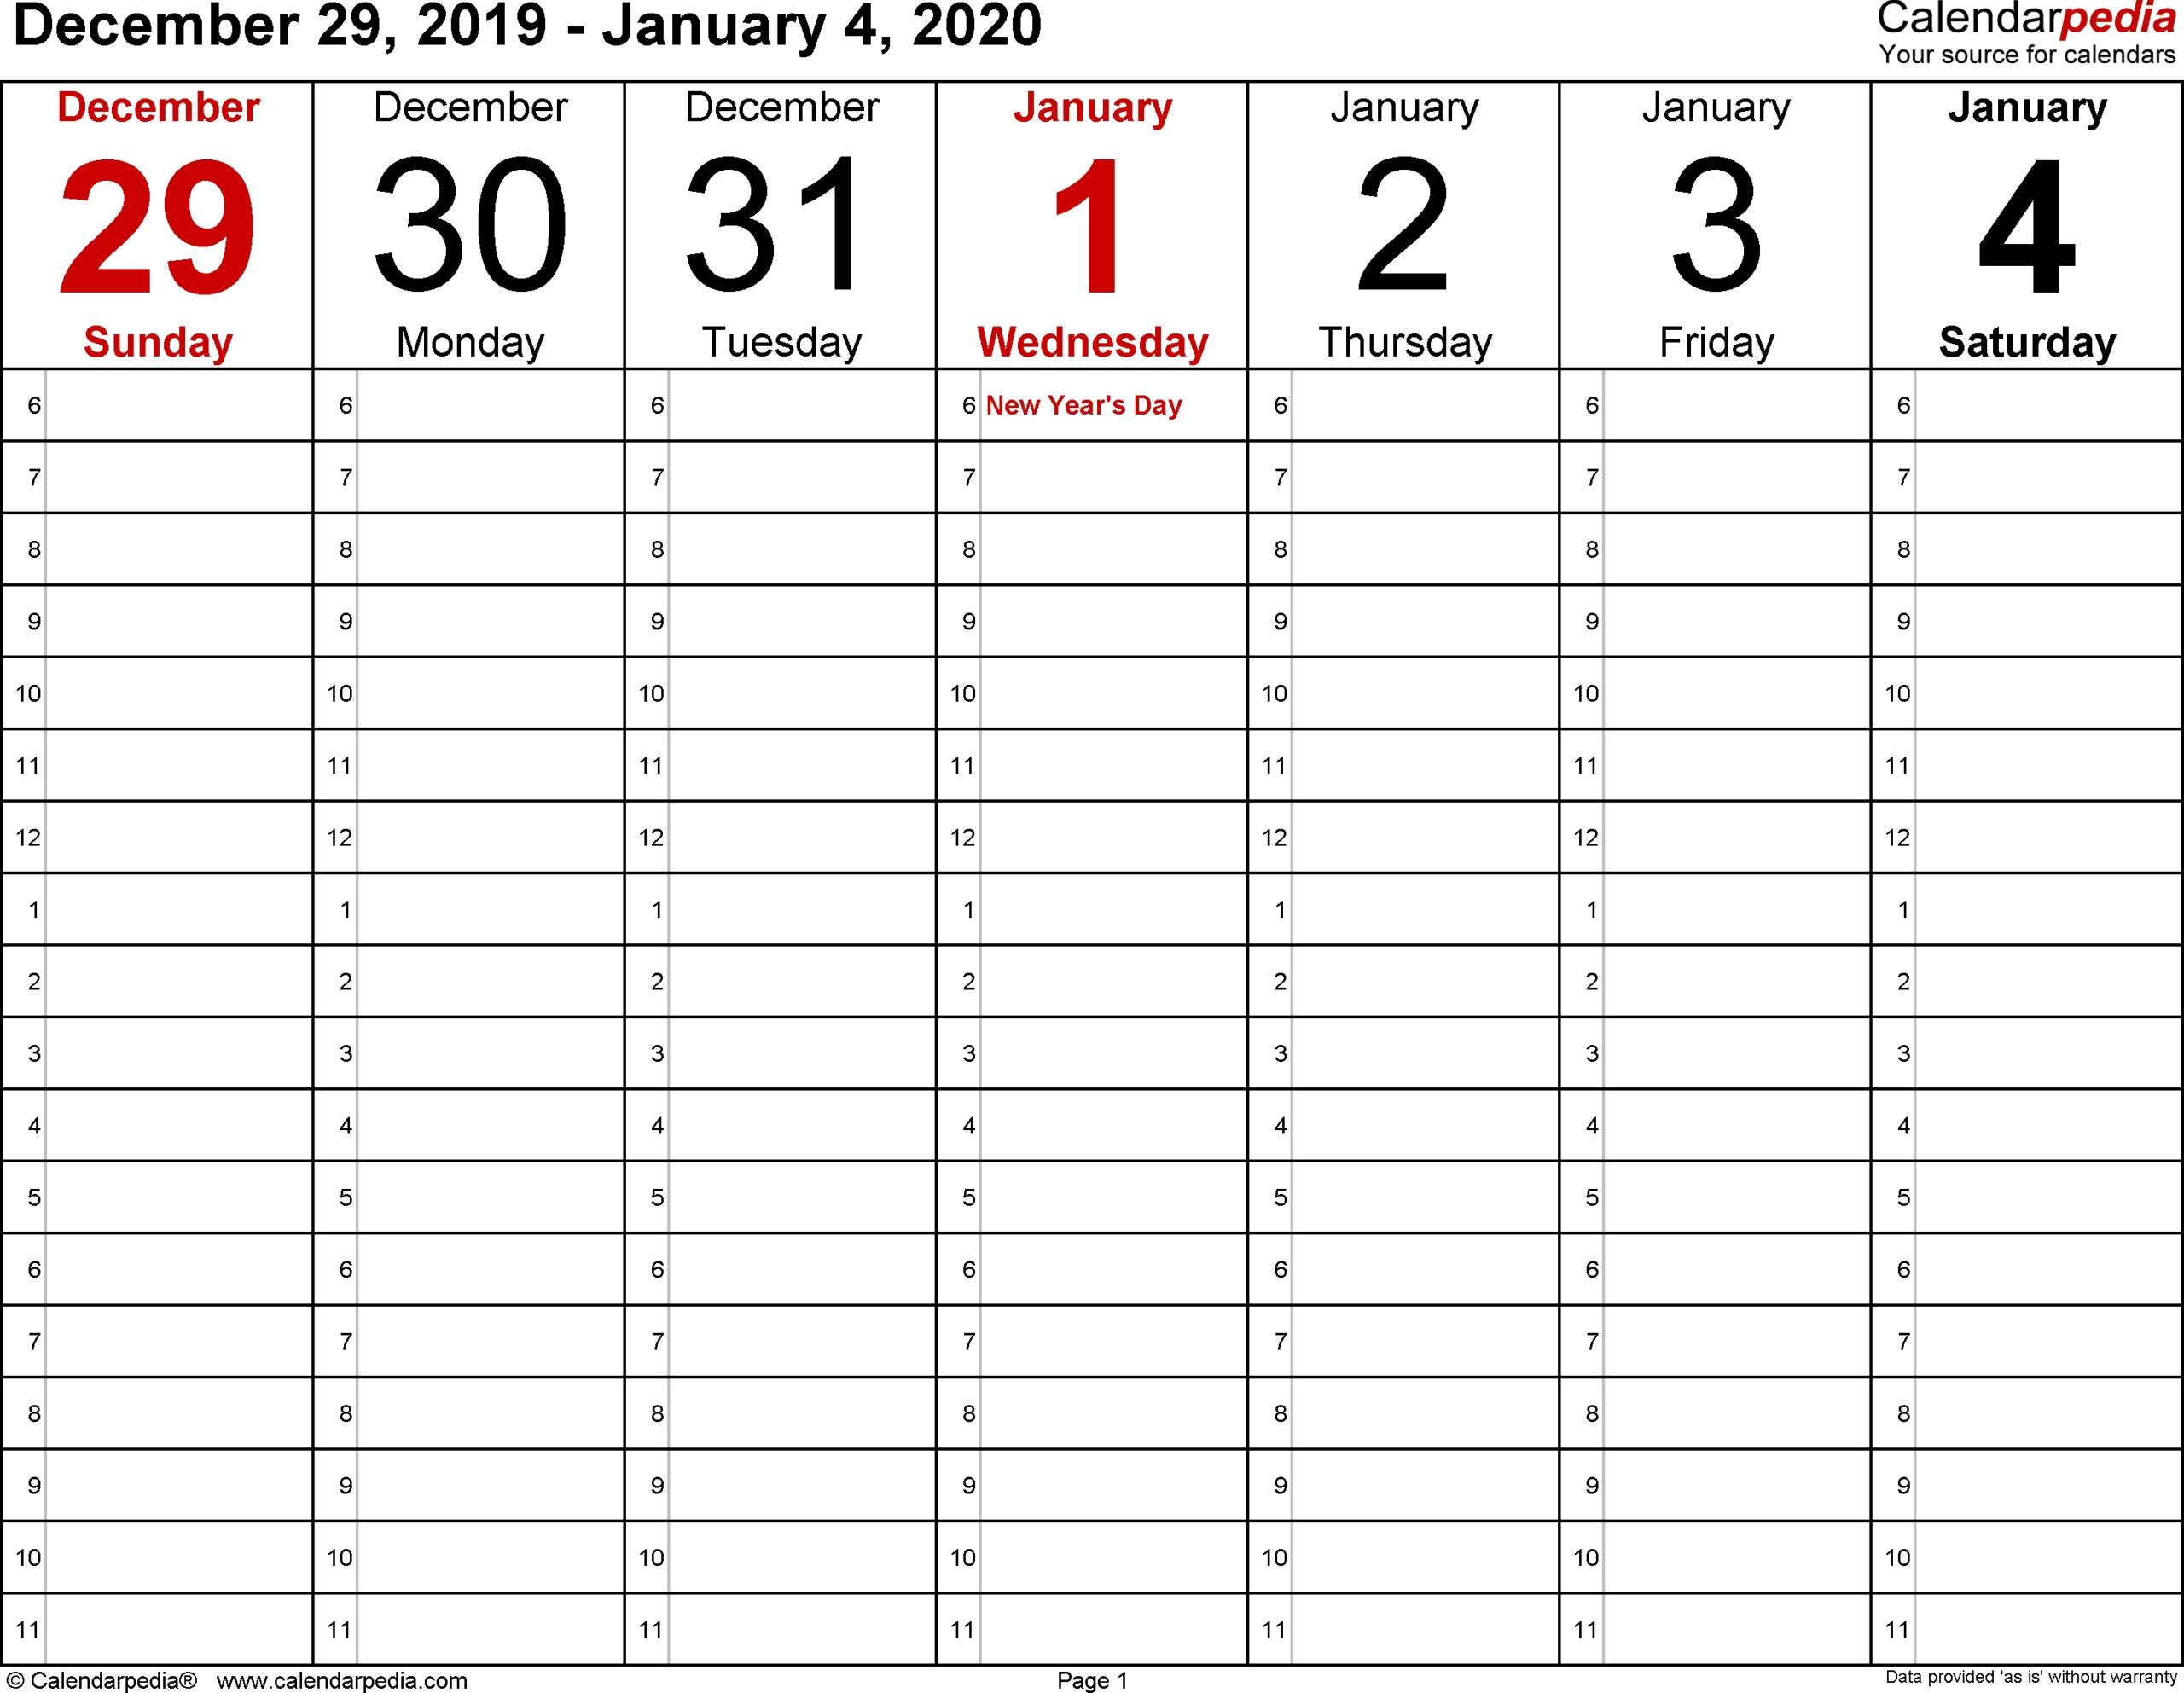 Employee Attendance Calendar 2020 Prntable - Calendar